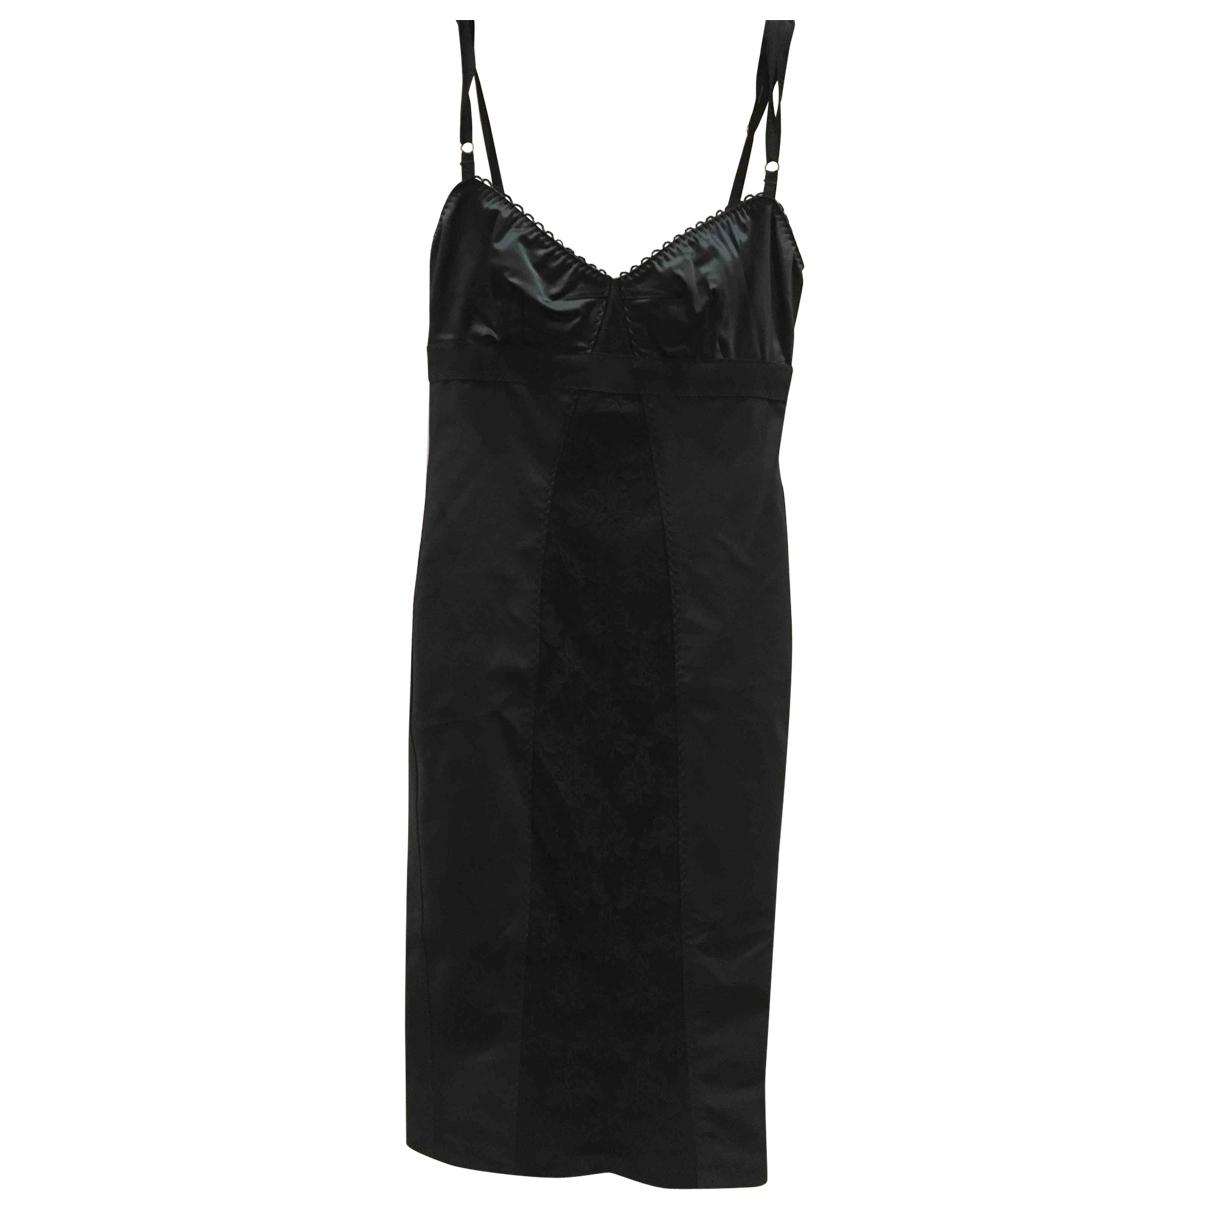 D&g \N Black dress for Women 40 IT